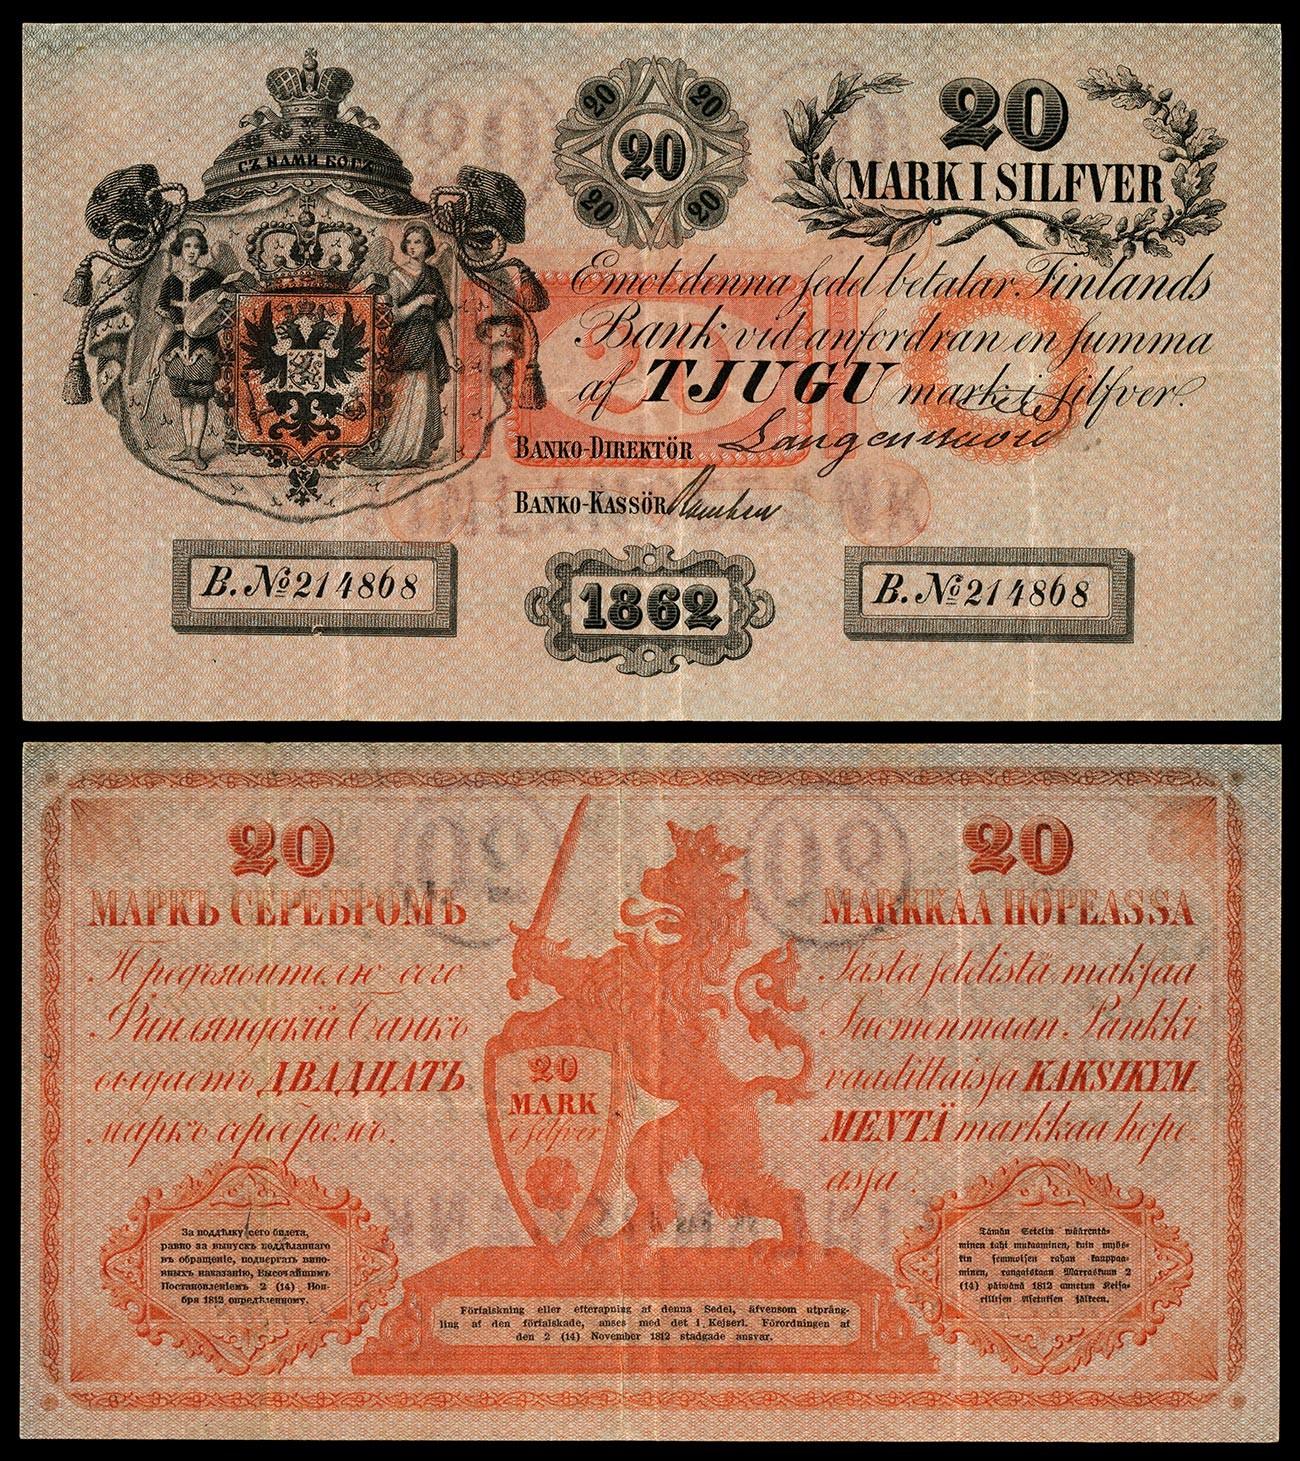 Billet de 20 marks de 1862, de la première émission du mark. Le billet est signé à la main par le directeur et le guichetier de la banque ; le texte à son dos est imprimé en finnois et en russe